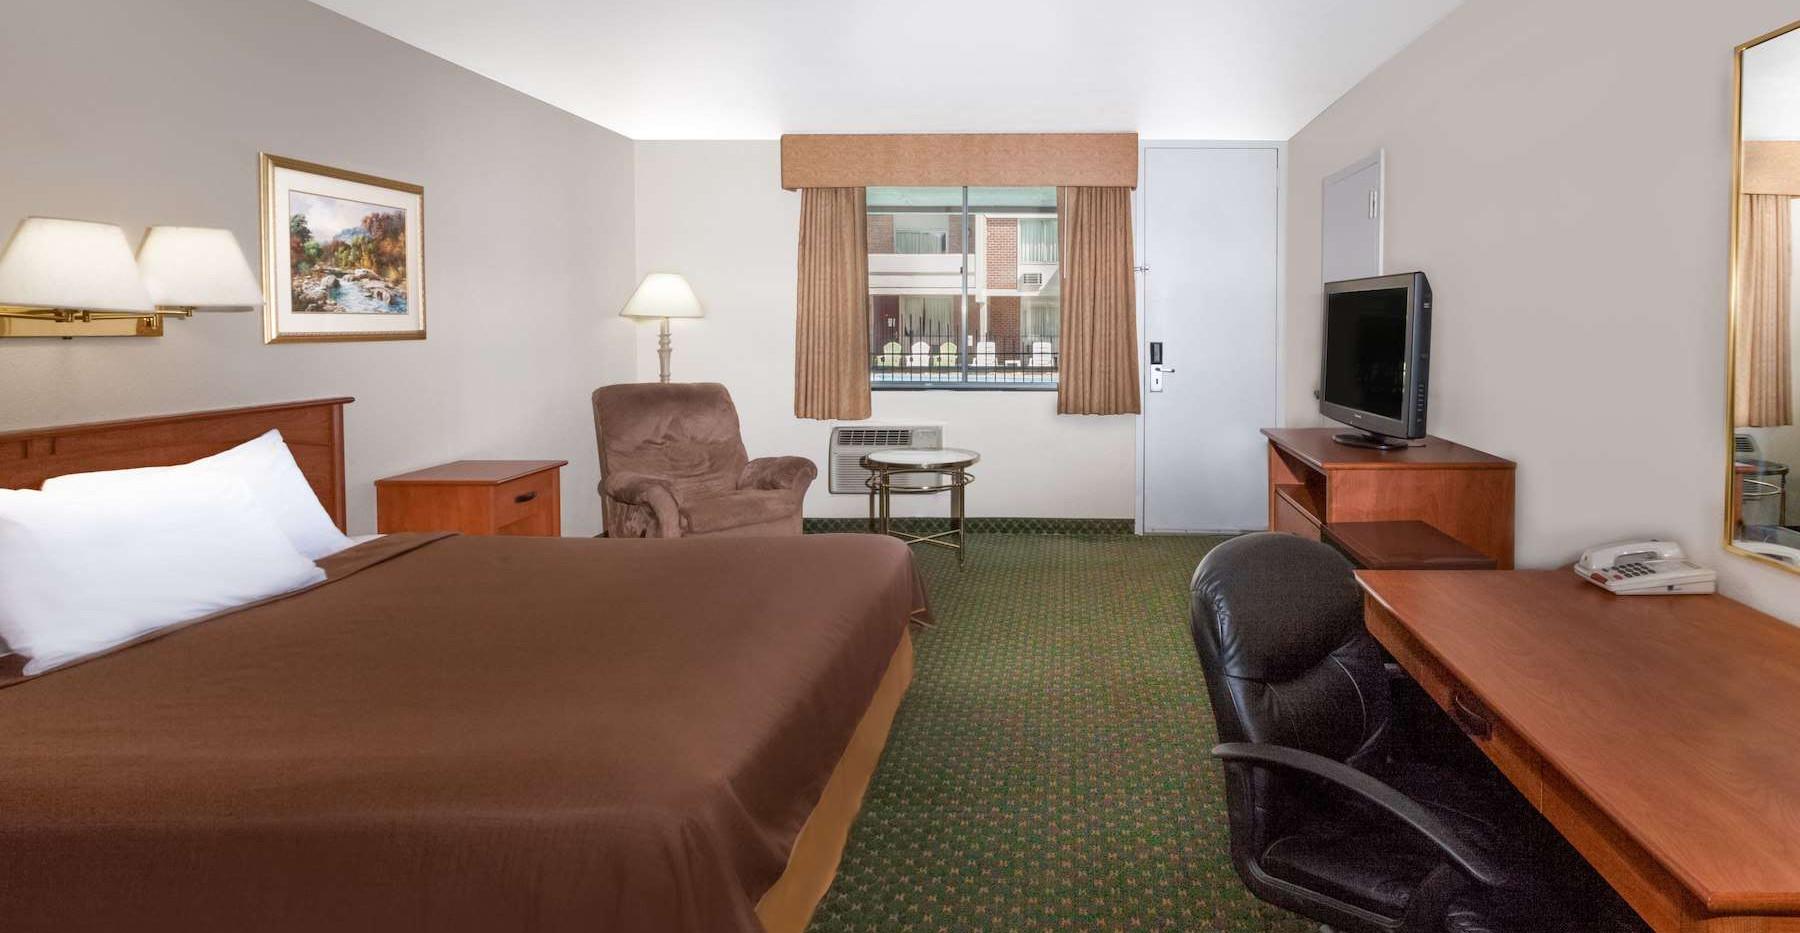 10713_guest_room_7.jpg